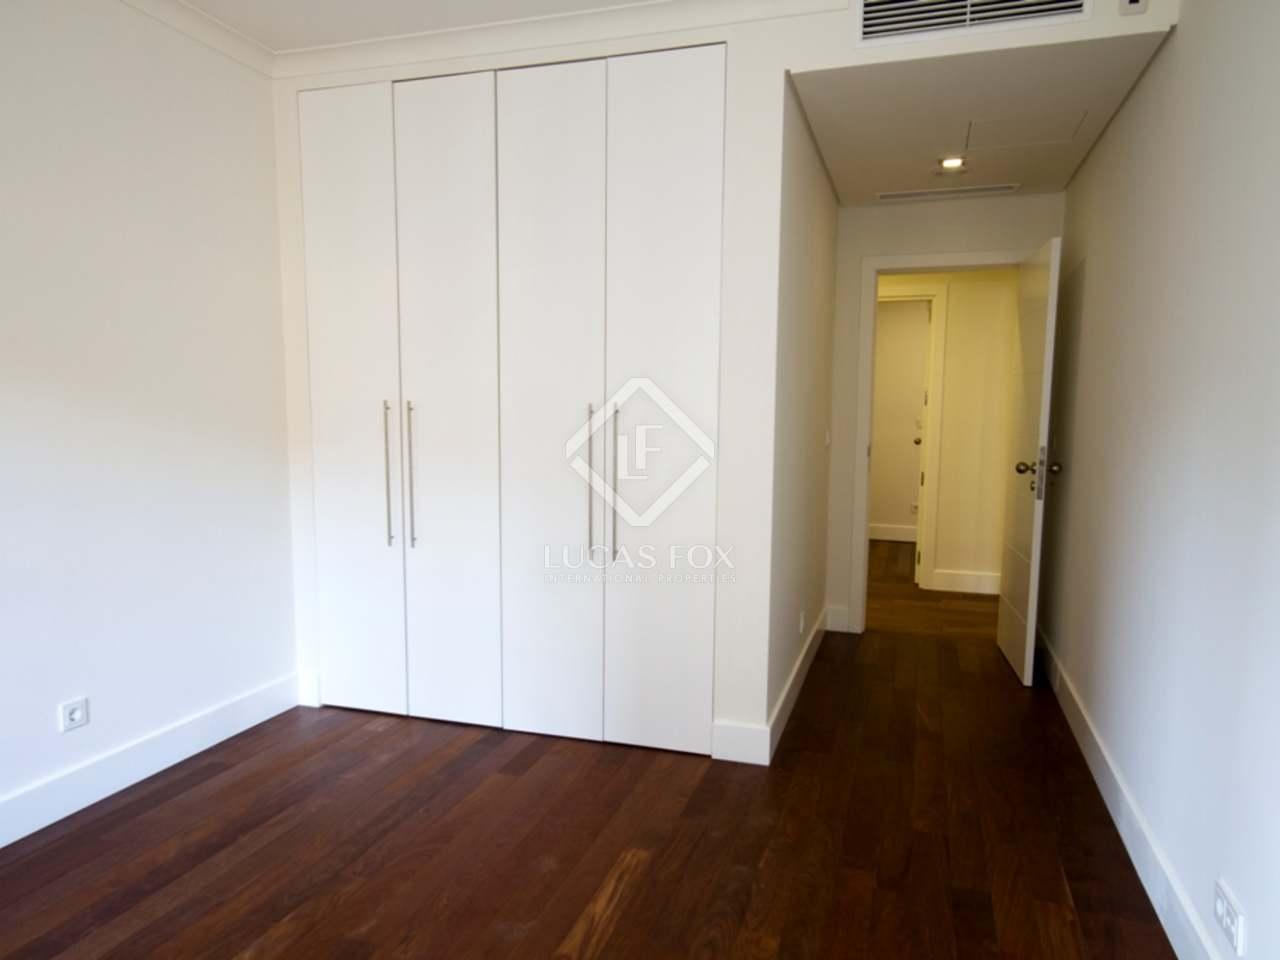 132m wohnung zum verkauf in lissabon stadt portugal. Black Bedroom Furniture Sets. Home Design Ideas